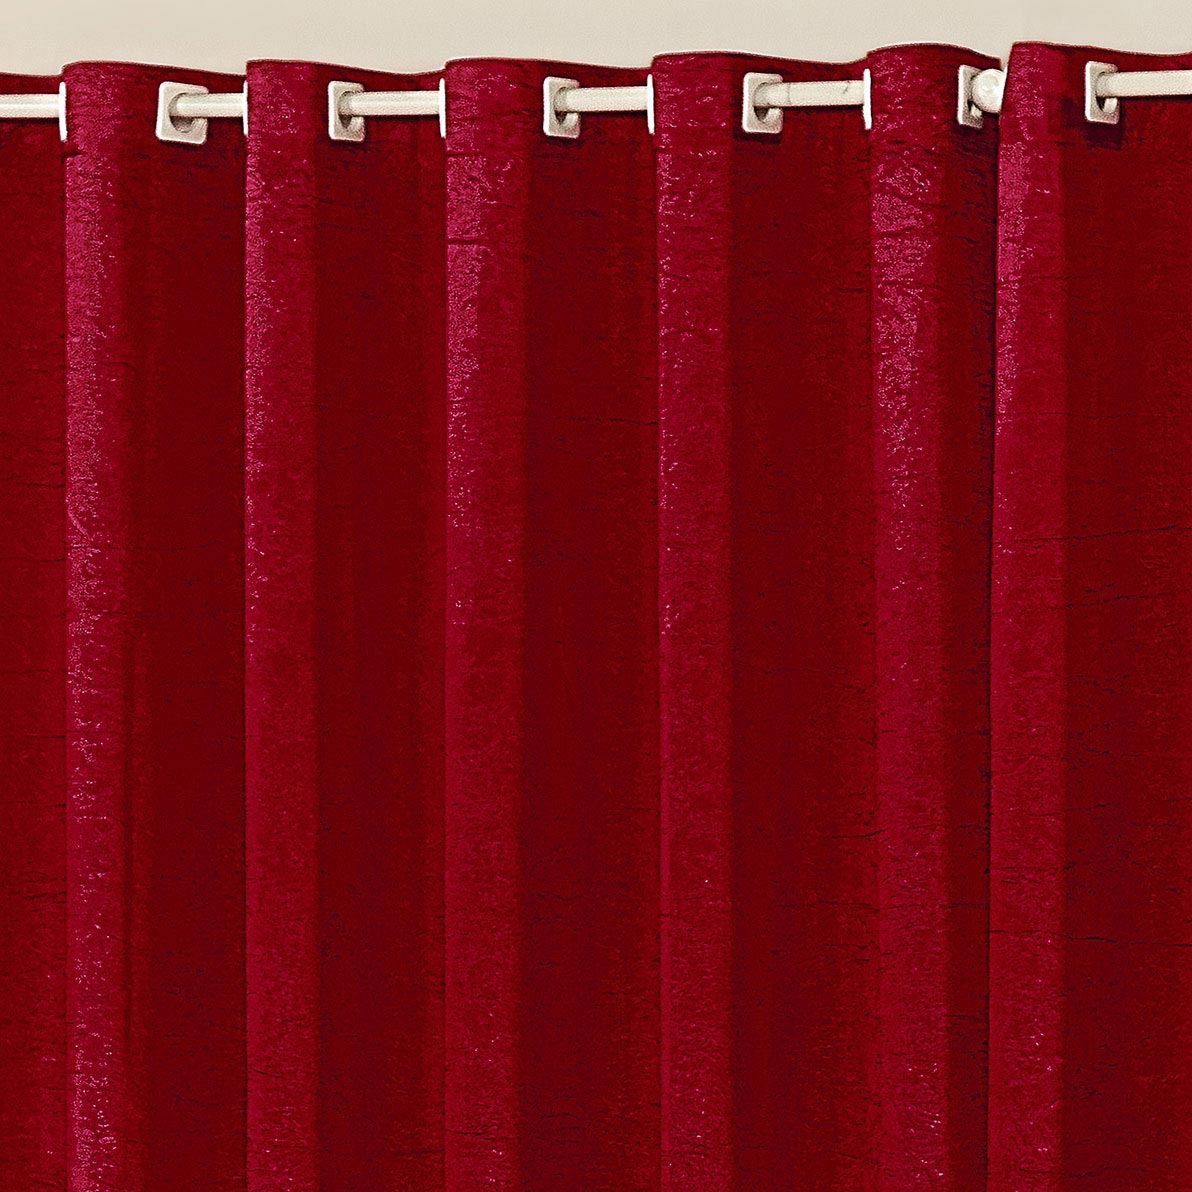 Cortina 3 metros Vermelho Cristal 1 peças Poliéster